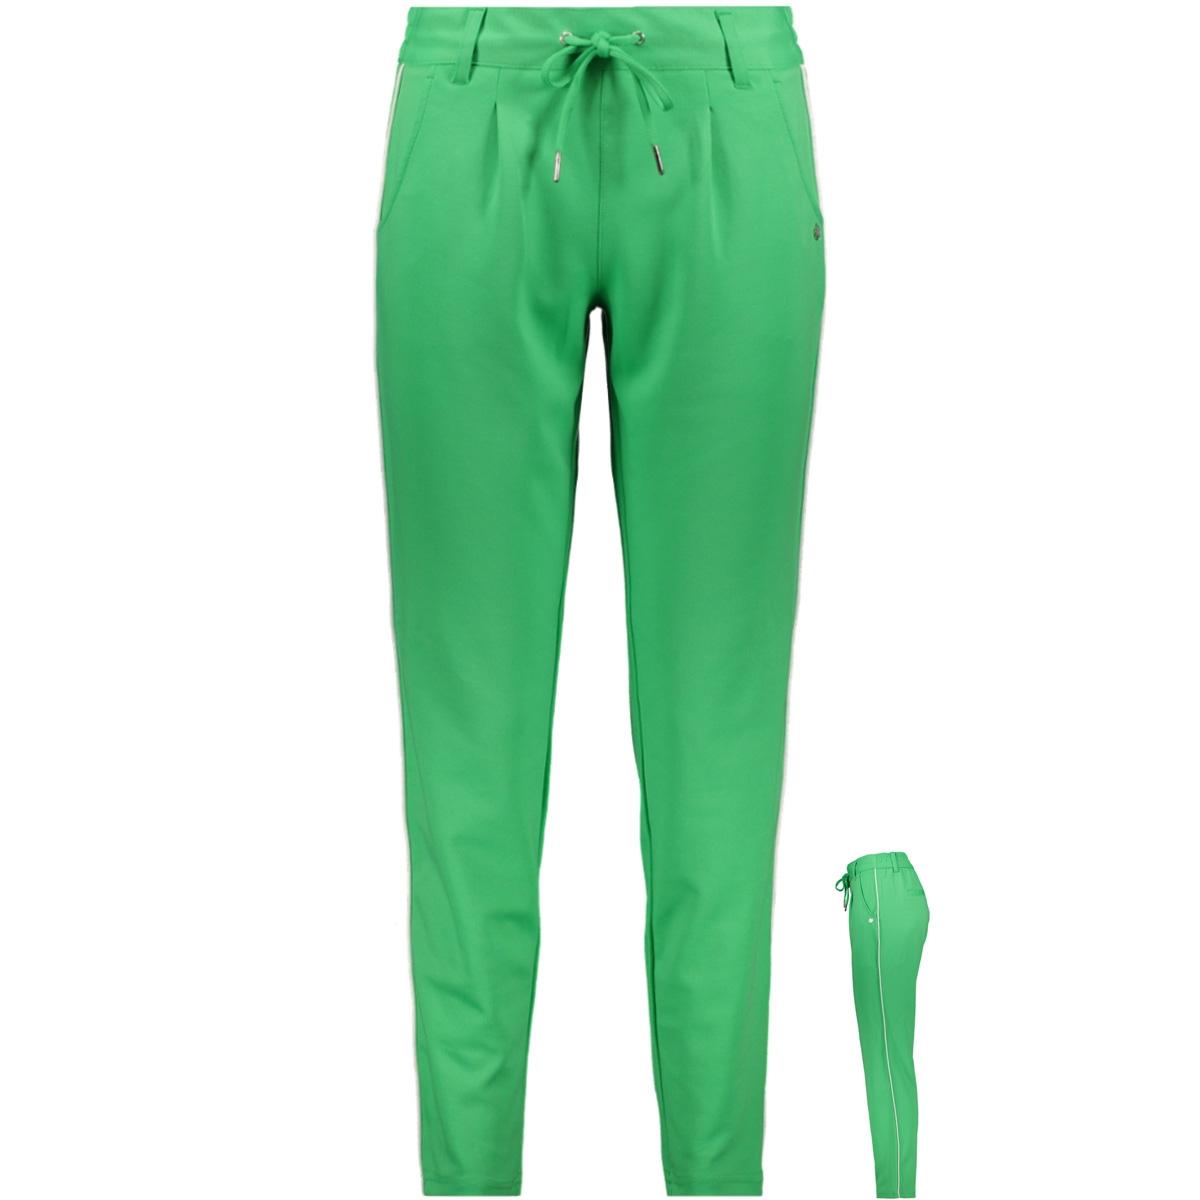 broek met bindbandje 1007919xx71 tom tailor broek 11052